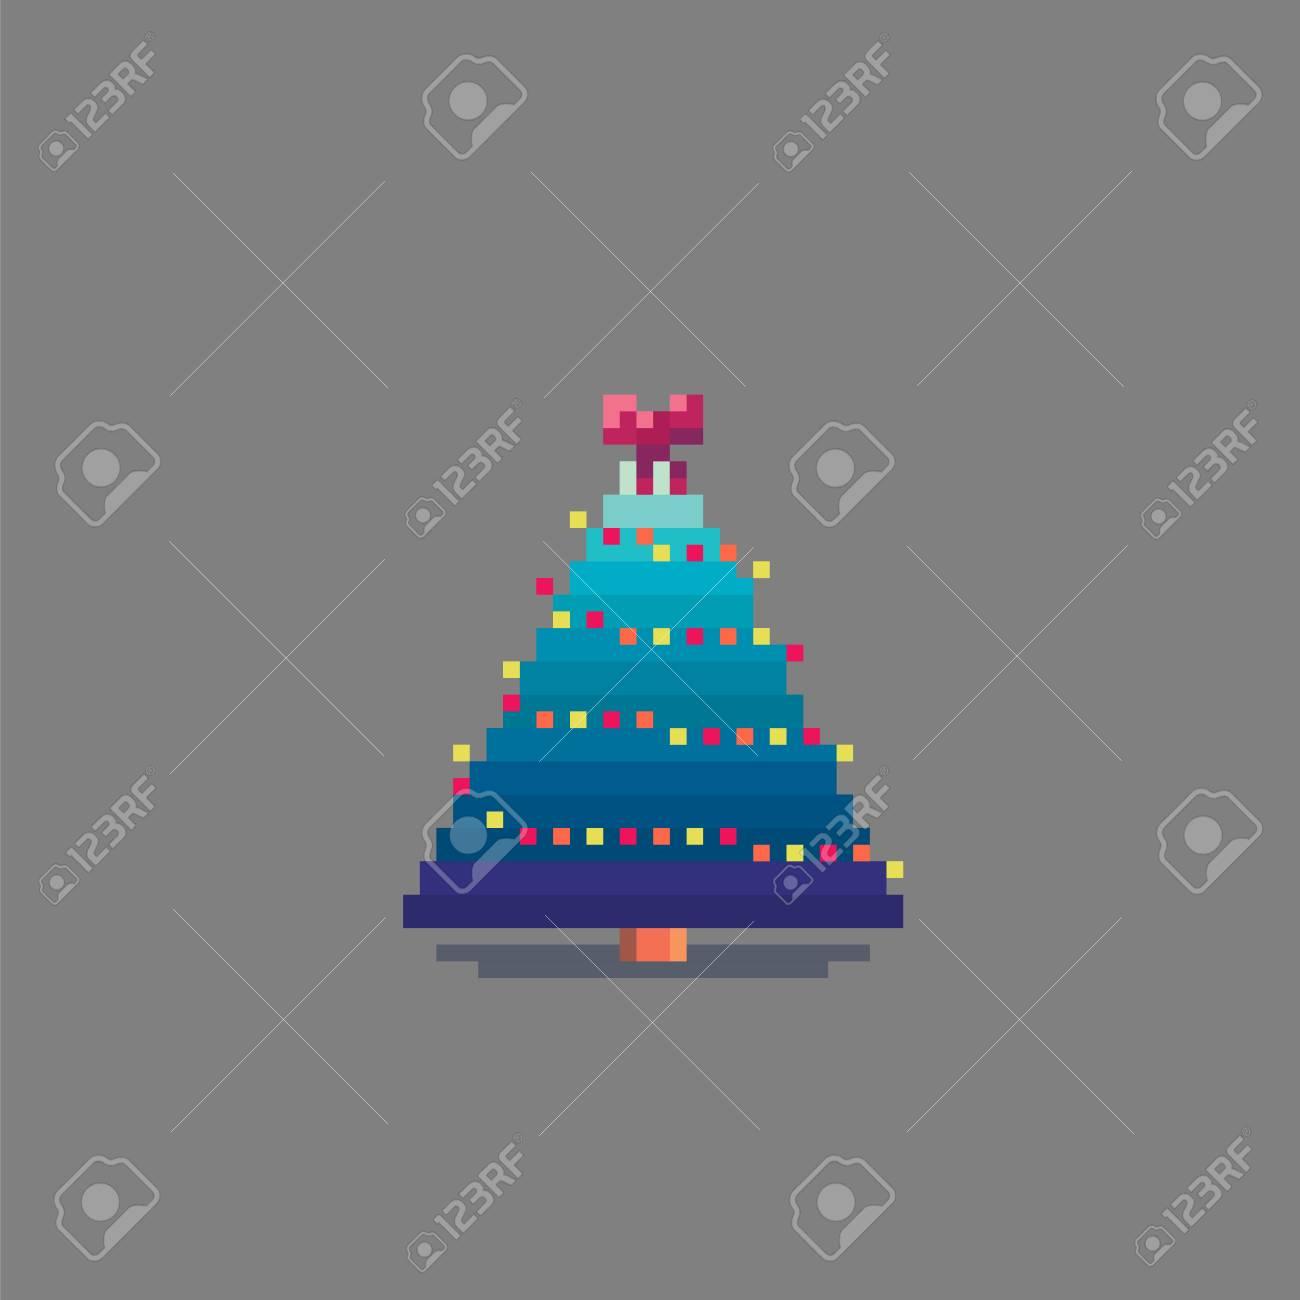 Pixel Art Décoré De Sapin De Noël Illustration Vectorielle